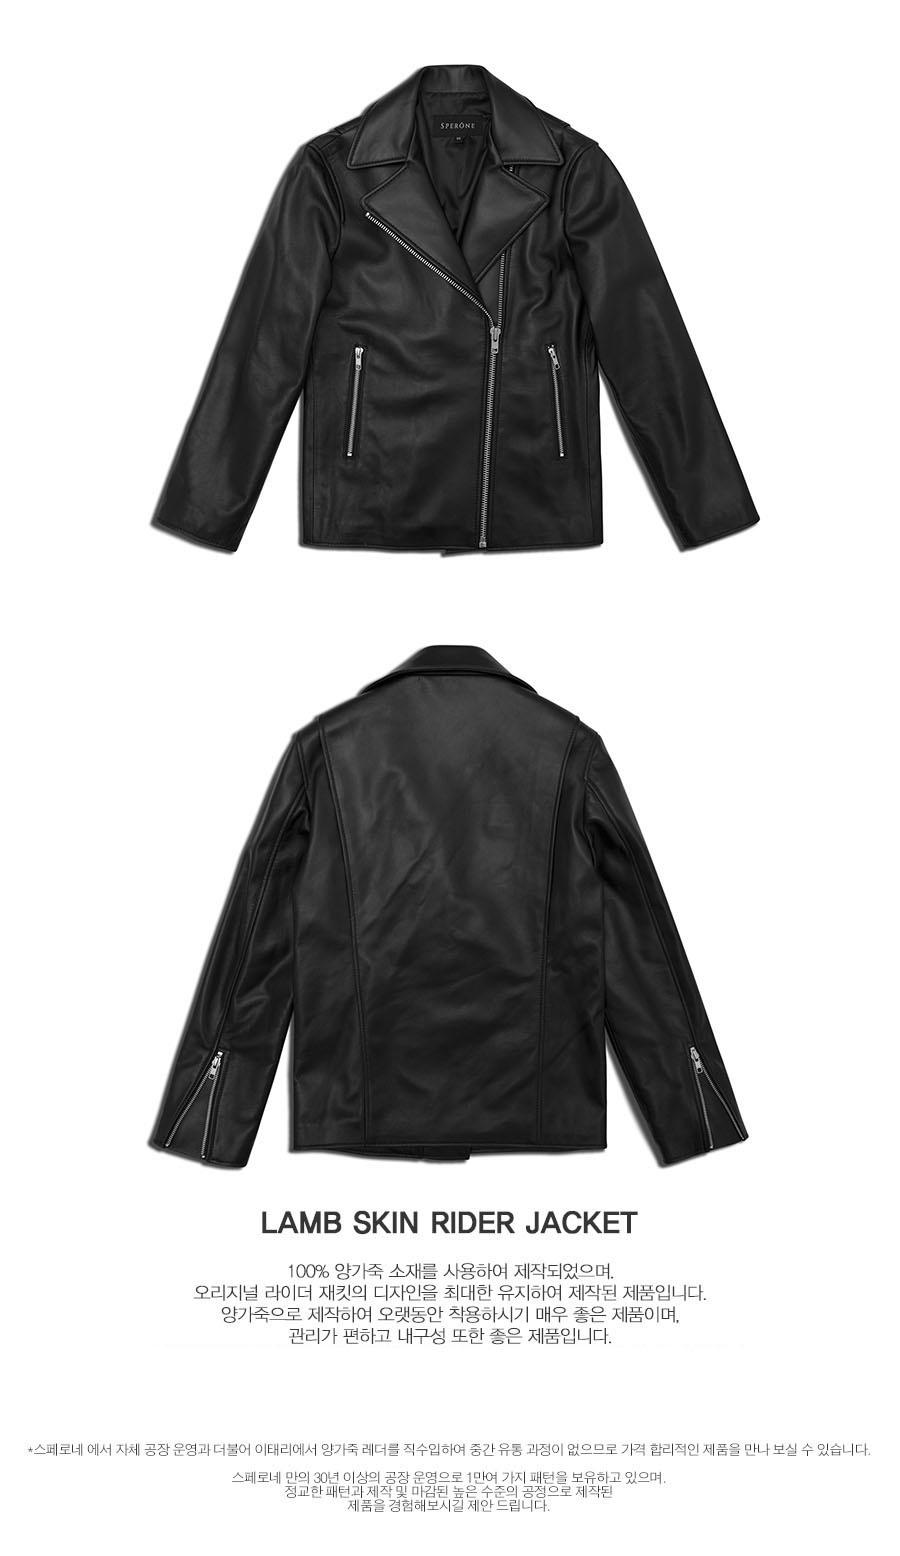 스페로네(SPERONE) LAMB SKIN RIDER JACKET [BLACK]